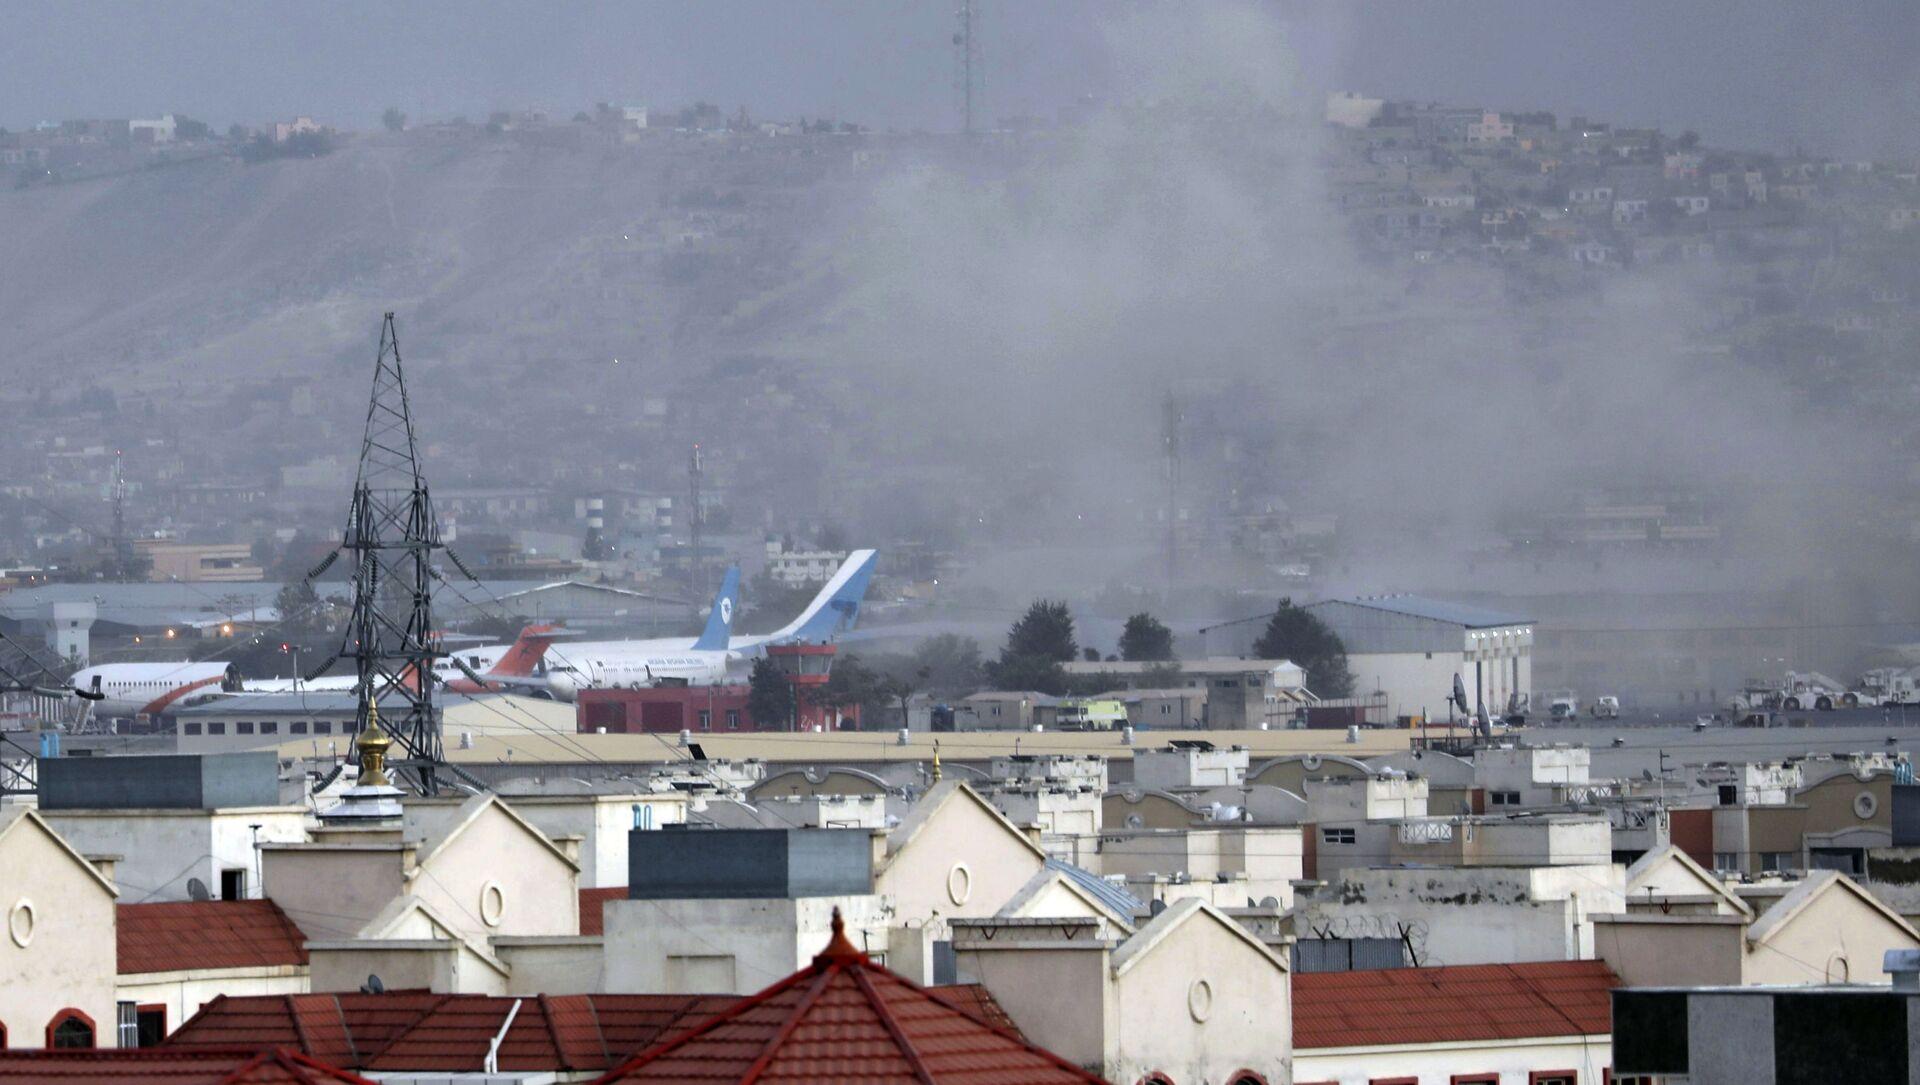 Khói từ một vụ nổ gần sân bay ở Kabul, Afghanistan - Sputnik Việt Nam, 1920, 27.08.2021